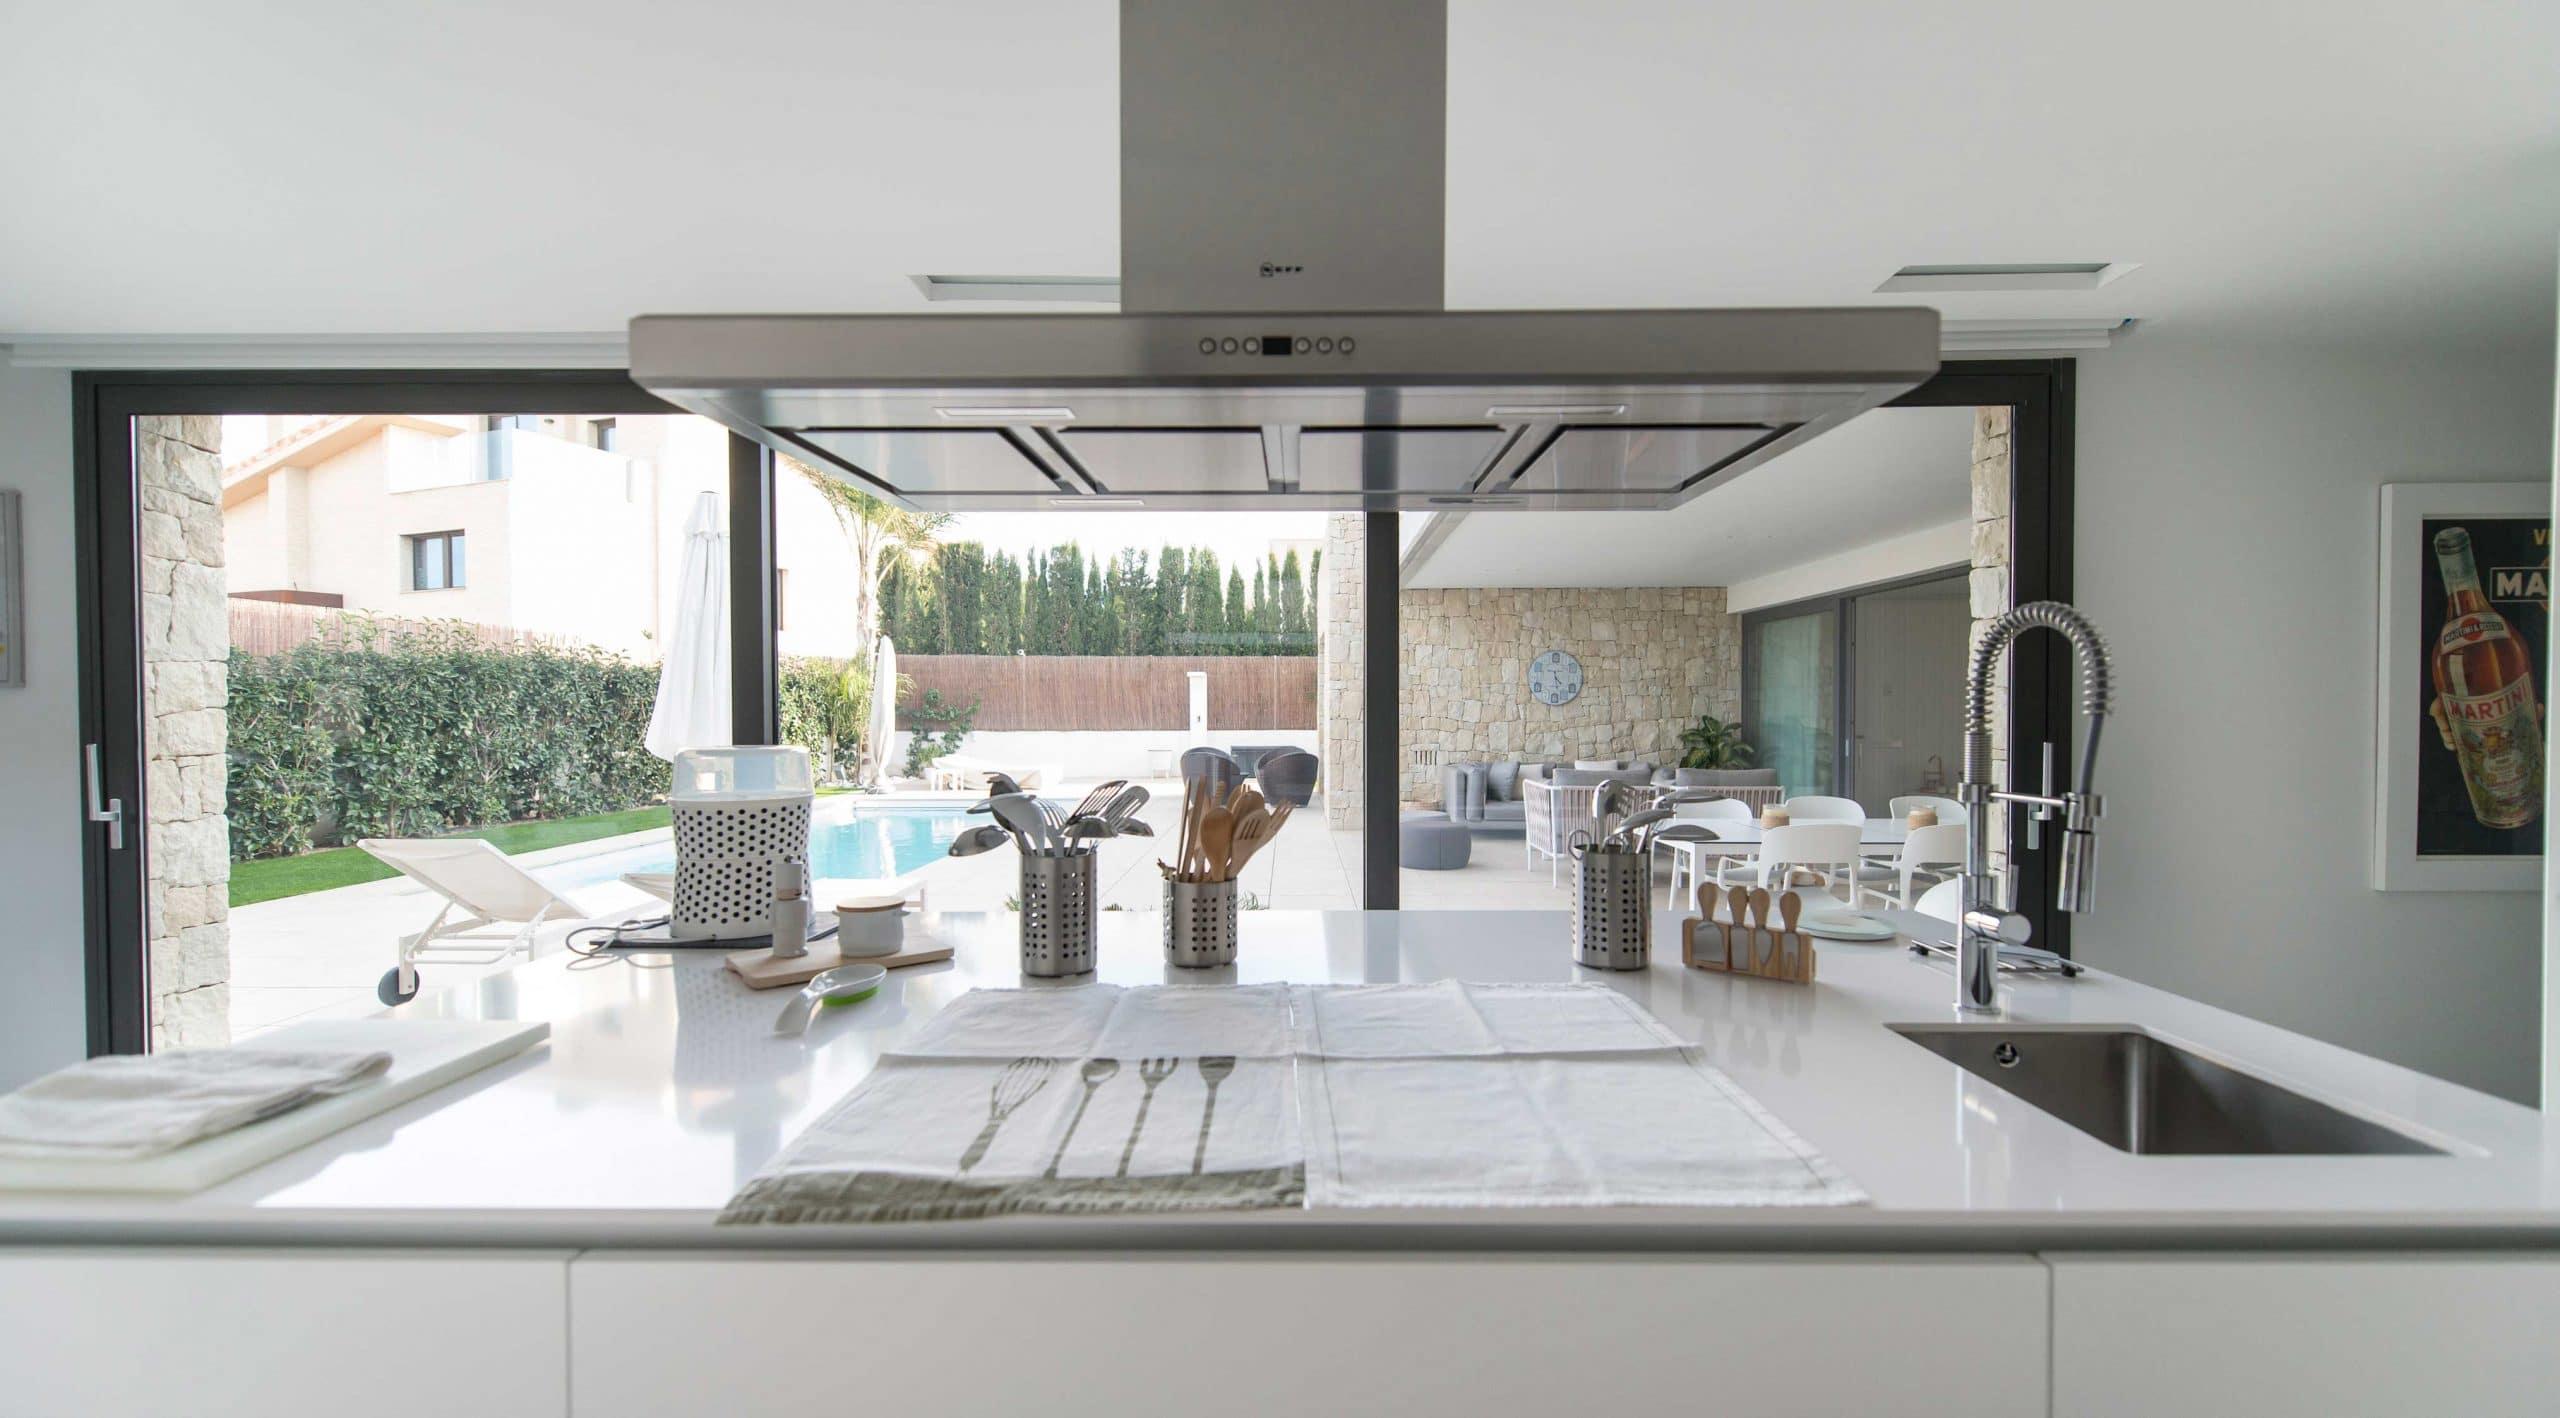 como-construir-una-casa-en-60-dias_foto-06_interior-cocinas-inhaus